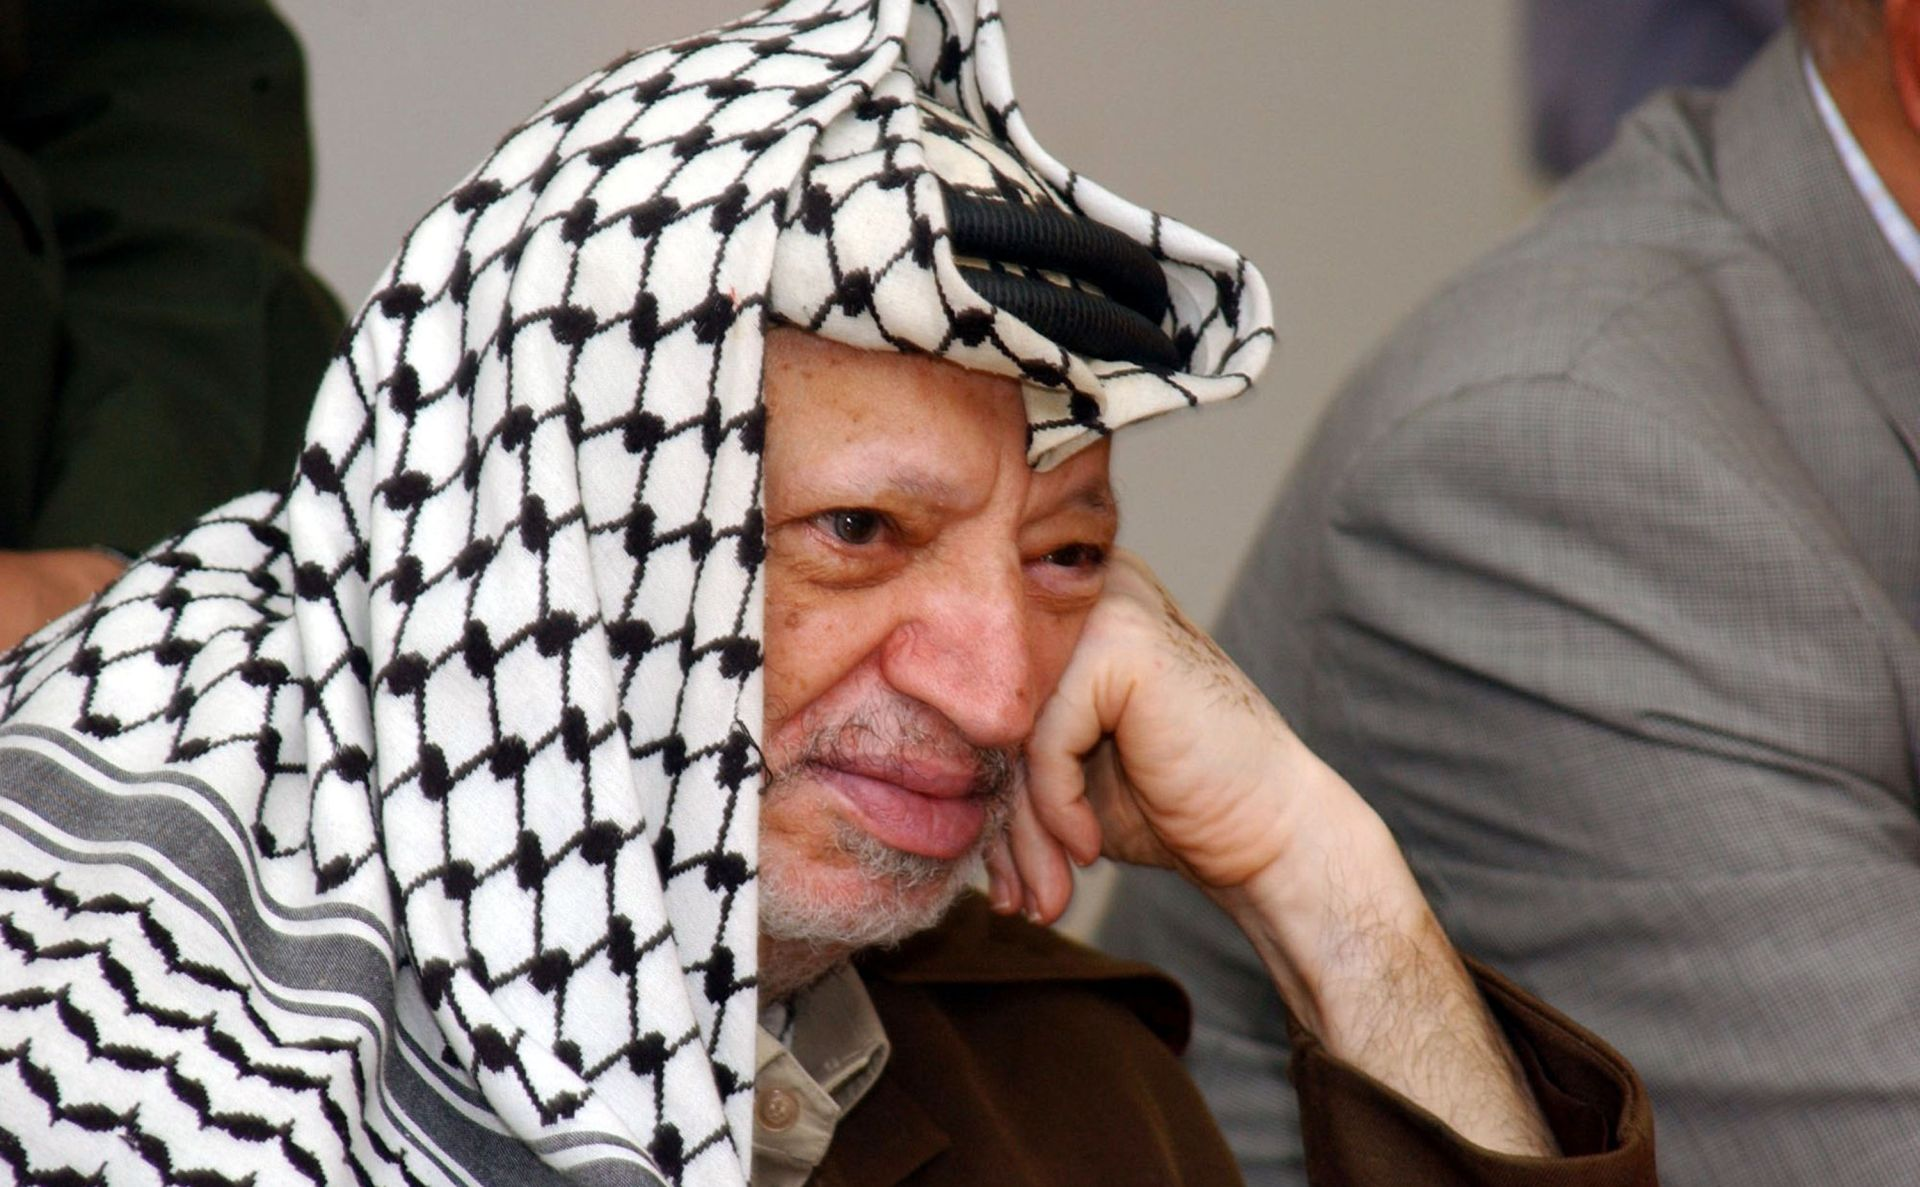 FRANCUZI ZATVORILI ISTRAGU Jaser Arafat nije ubijen, polonij je iz prirode